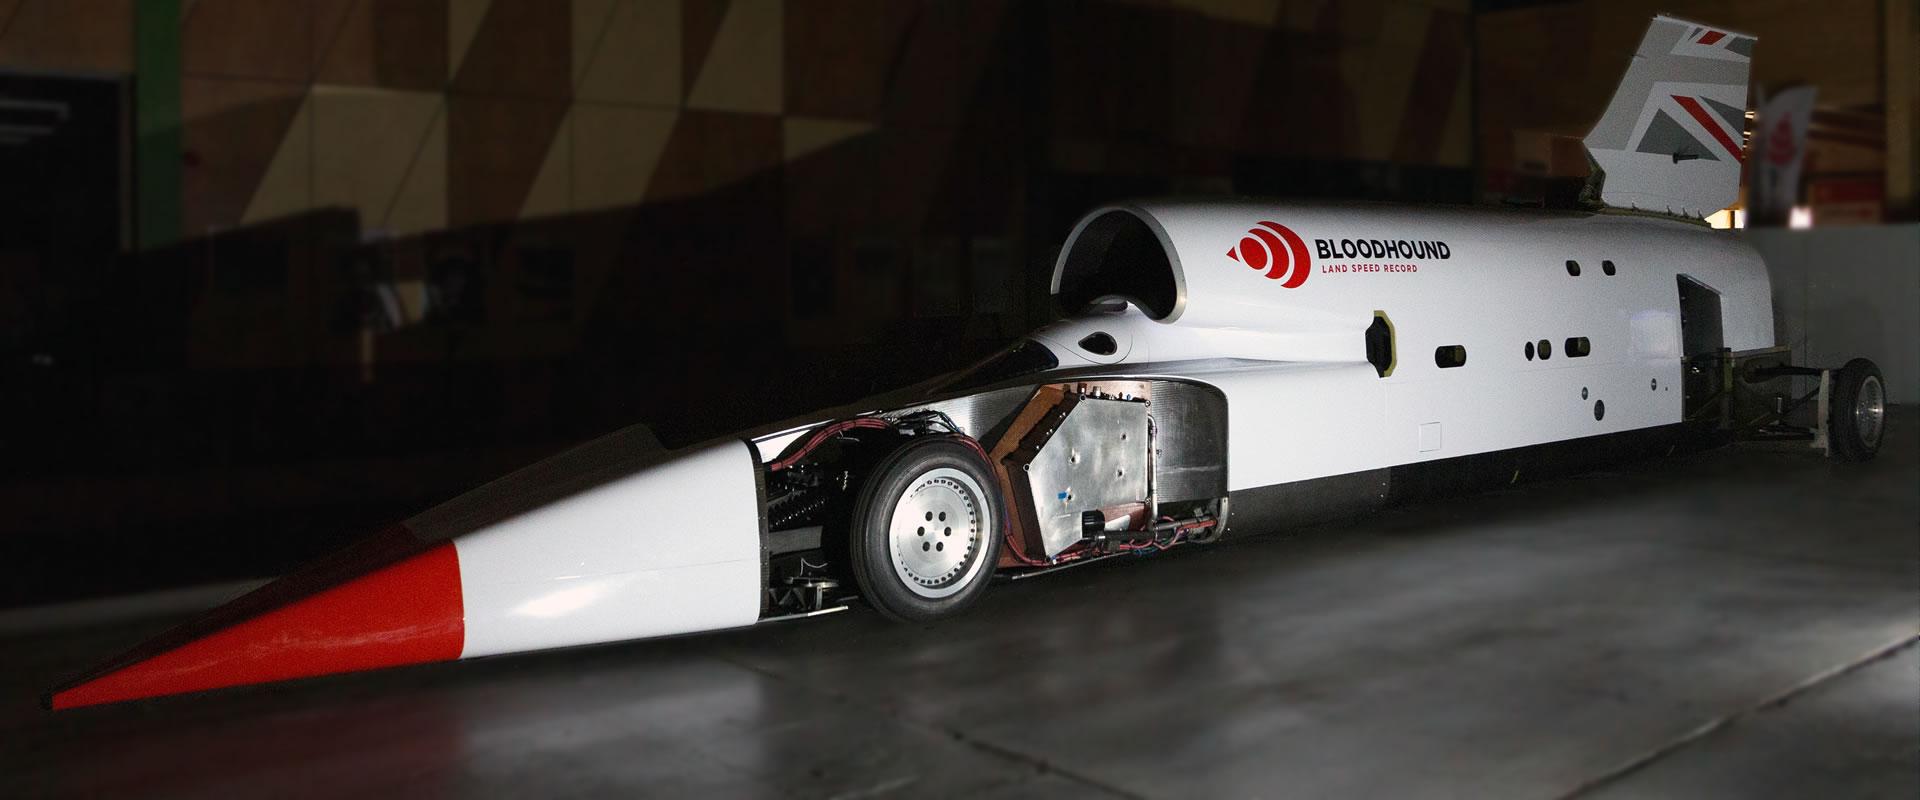 時速1600km到達なるか?人類史上最速の車のテスト走行が2019年秋に実施!